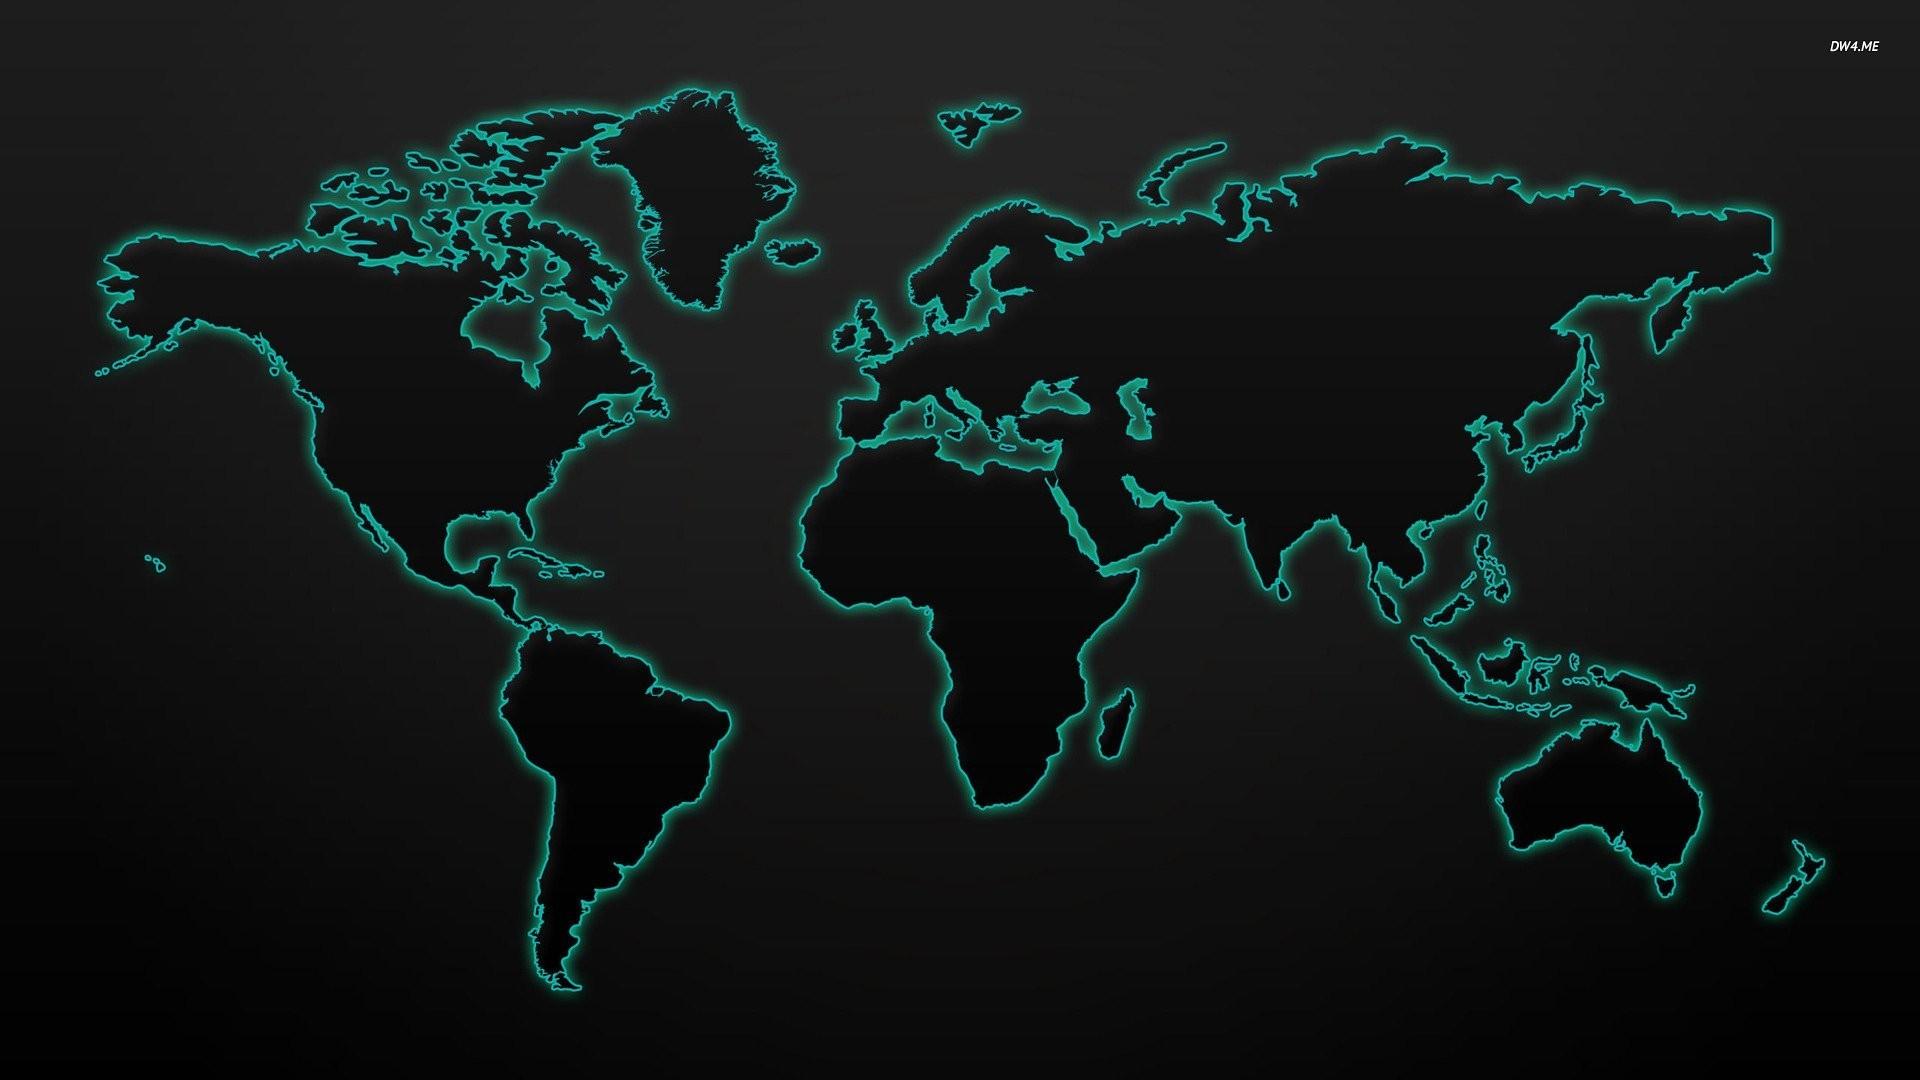 United States Map Desktop Wallpaper 59 Images